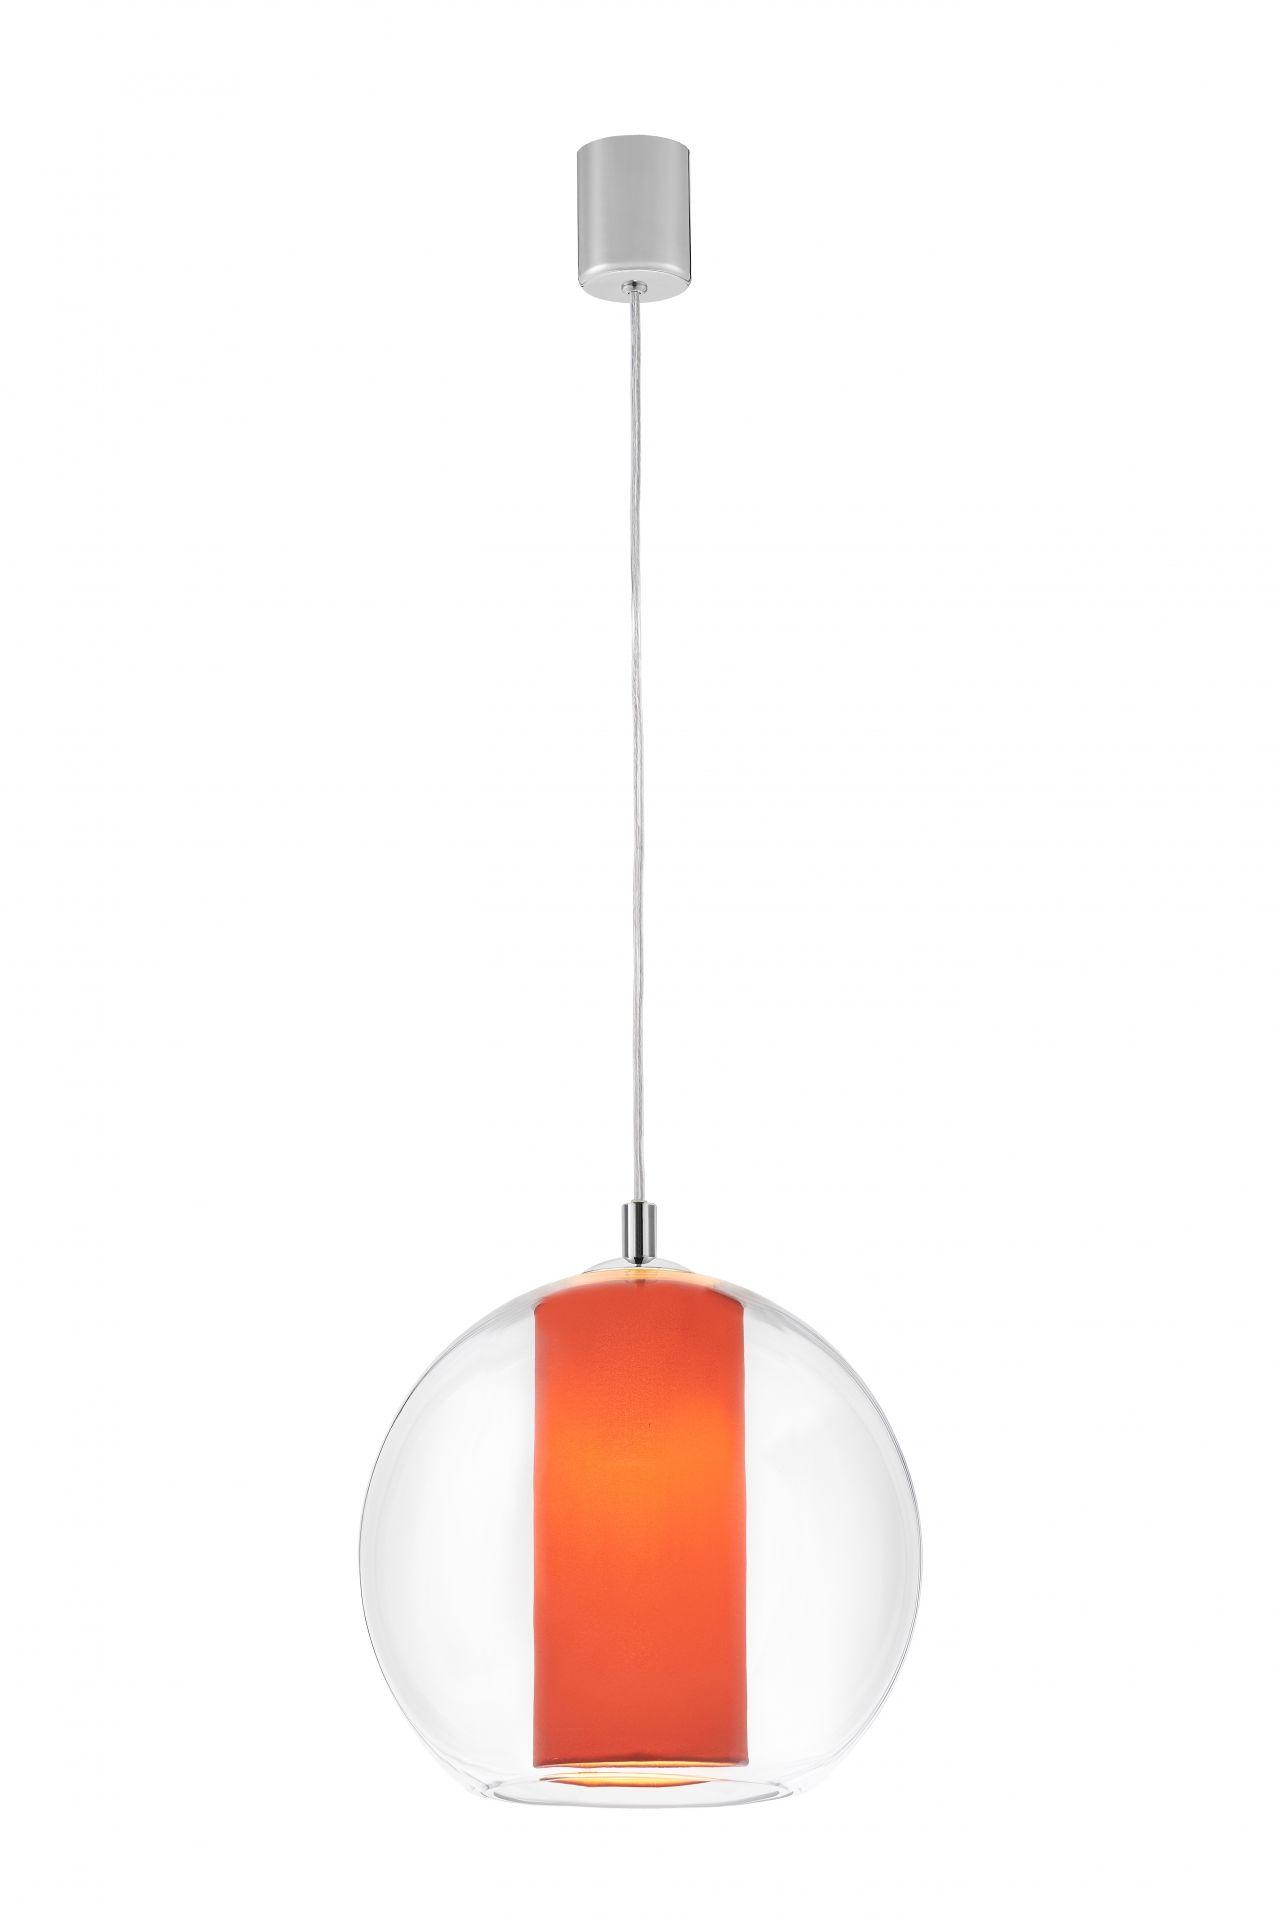 Lampa wisząca Merida L 10410111 KASPA szklana oprawa w kolorze koralowym